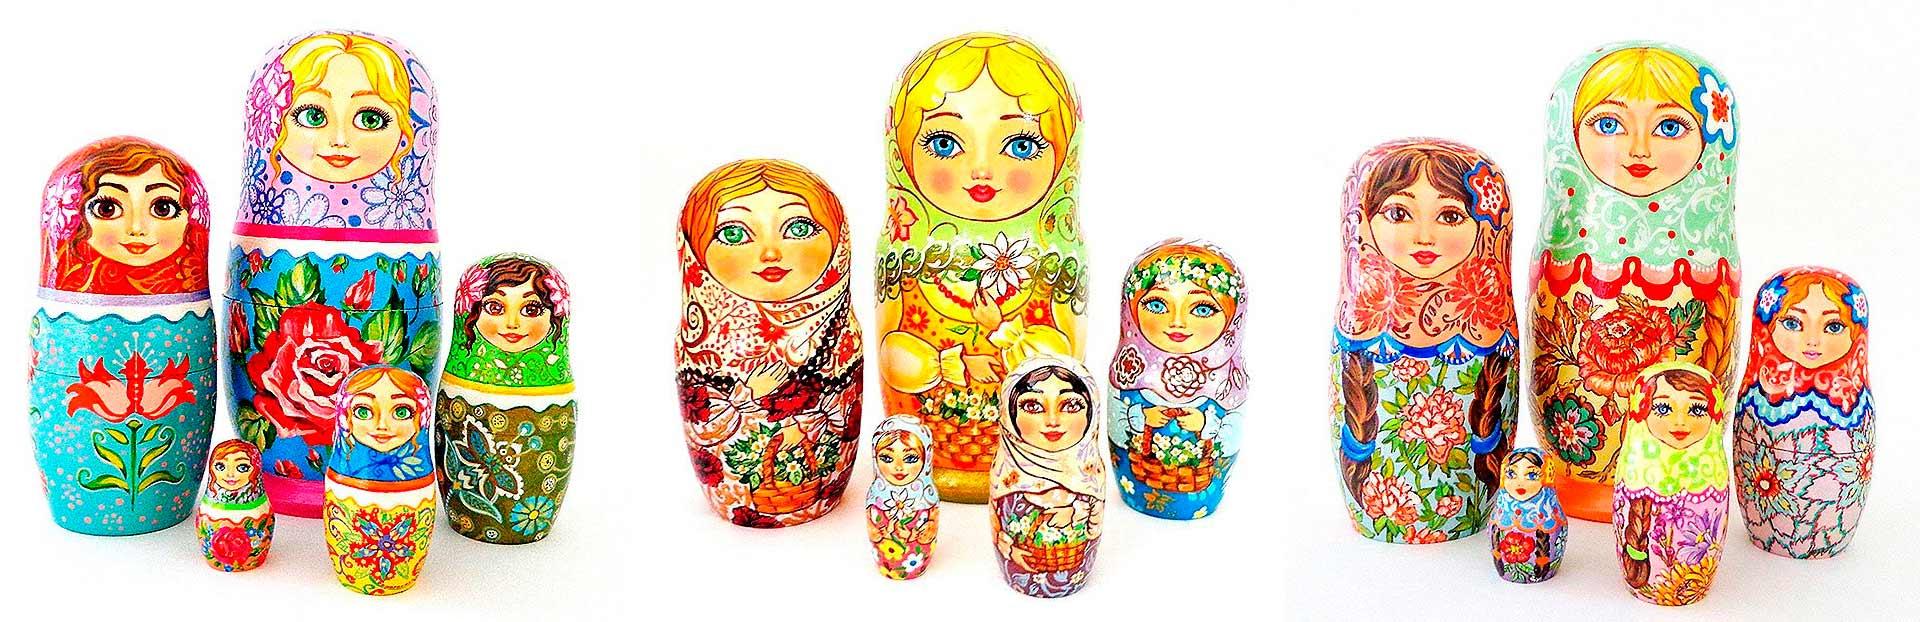 Muñecas rusas-matrioskas